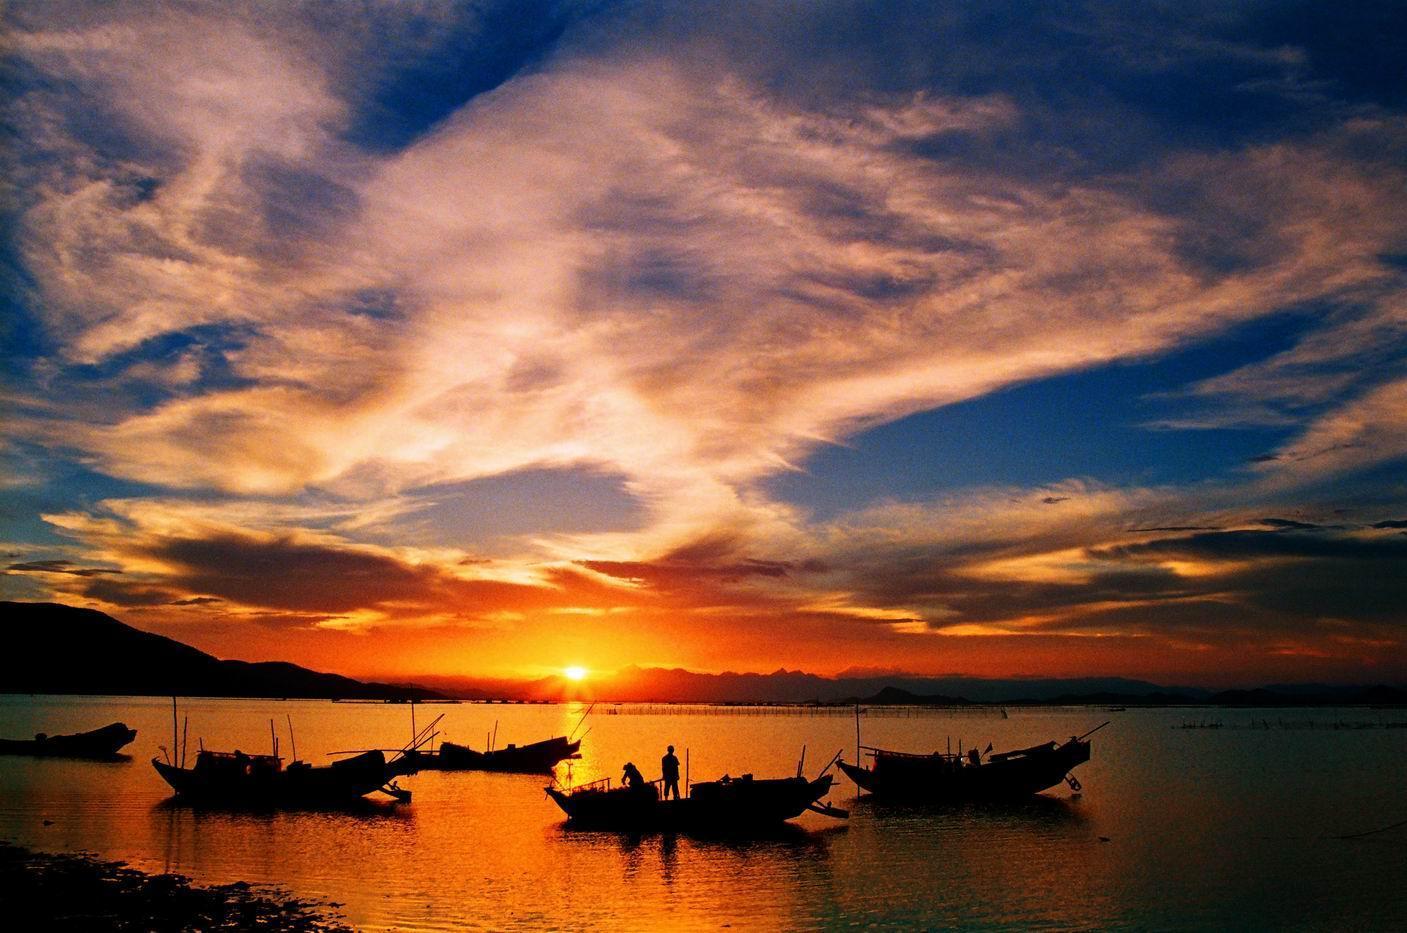 广州 长隆 香江野生动物园 阳江 海陵岛 大角湾 端午节